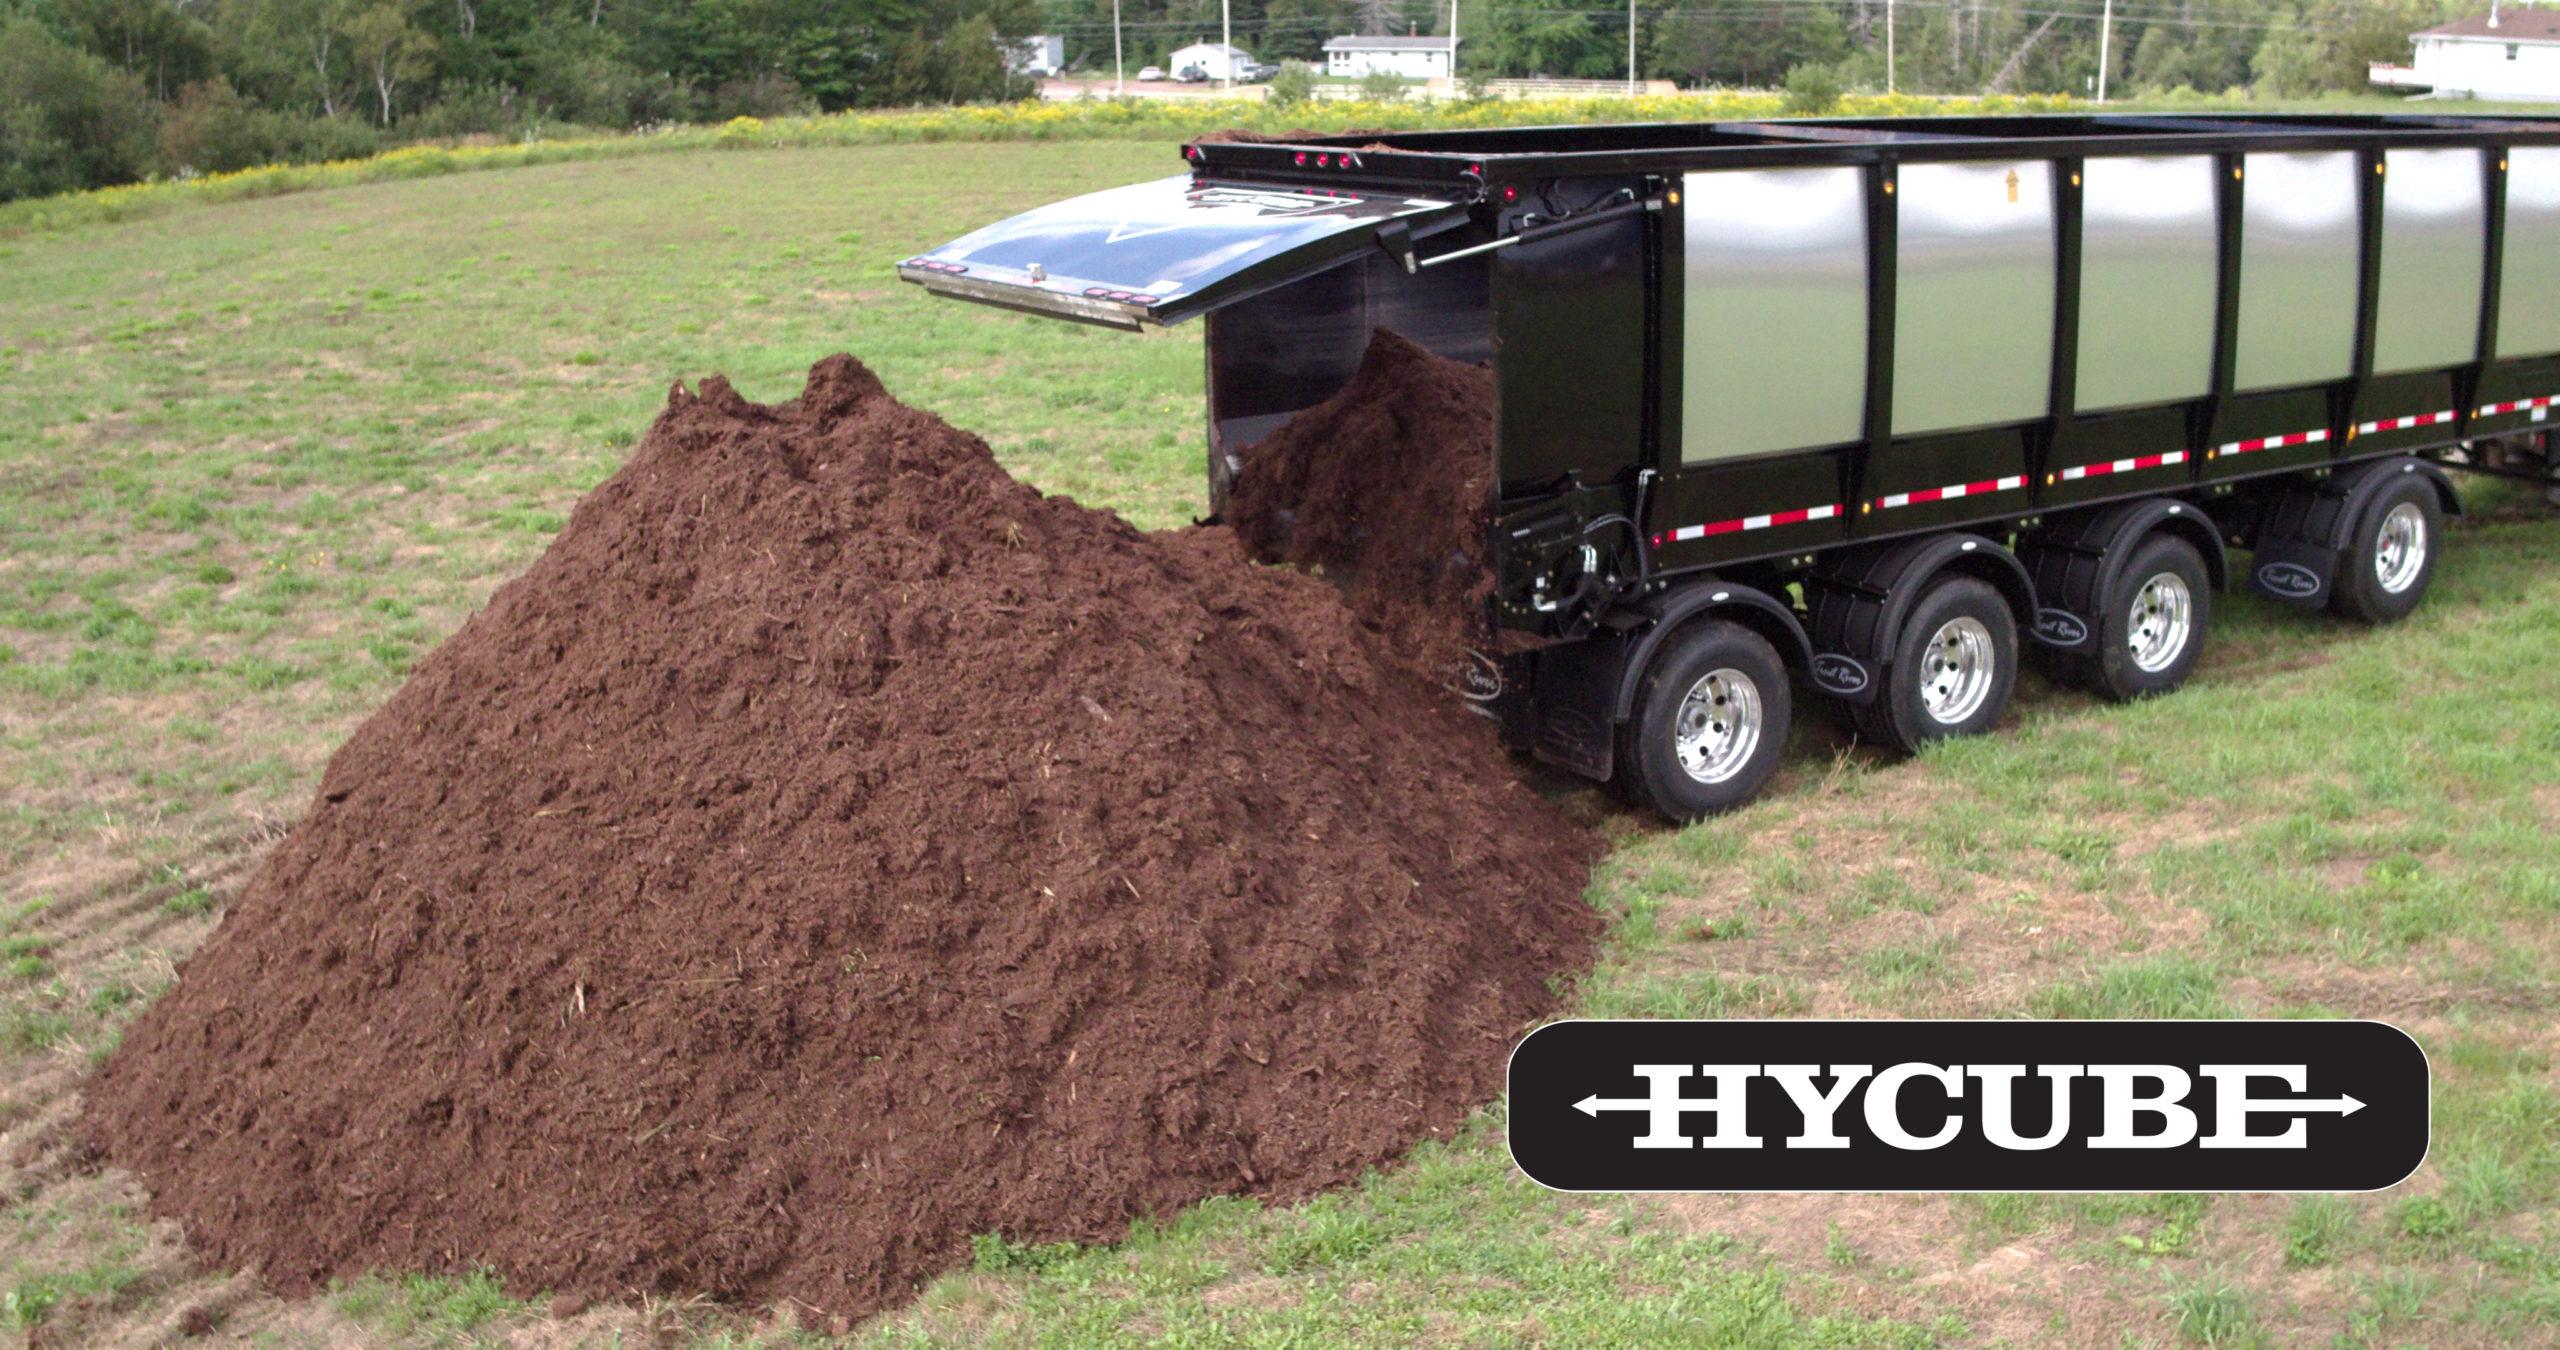 Hycube Trailer